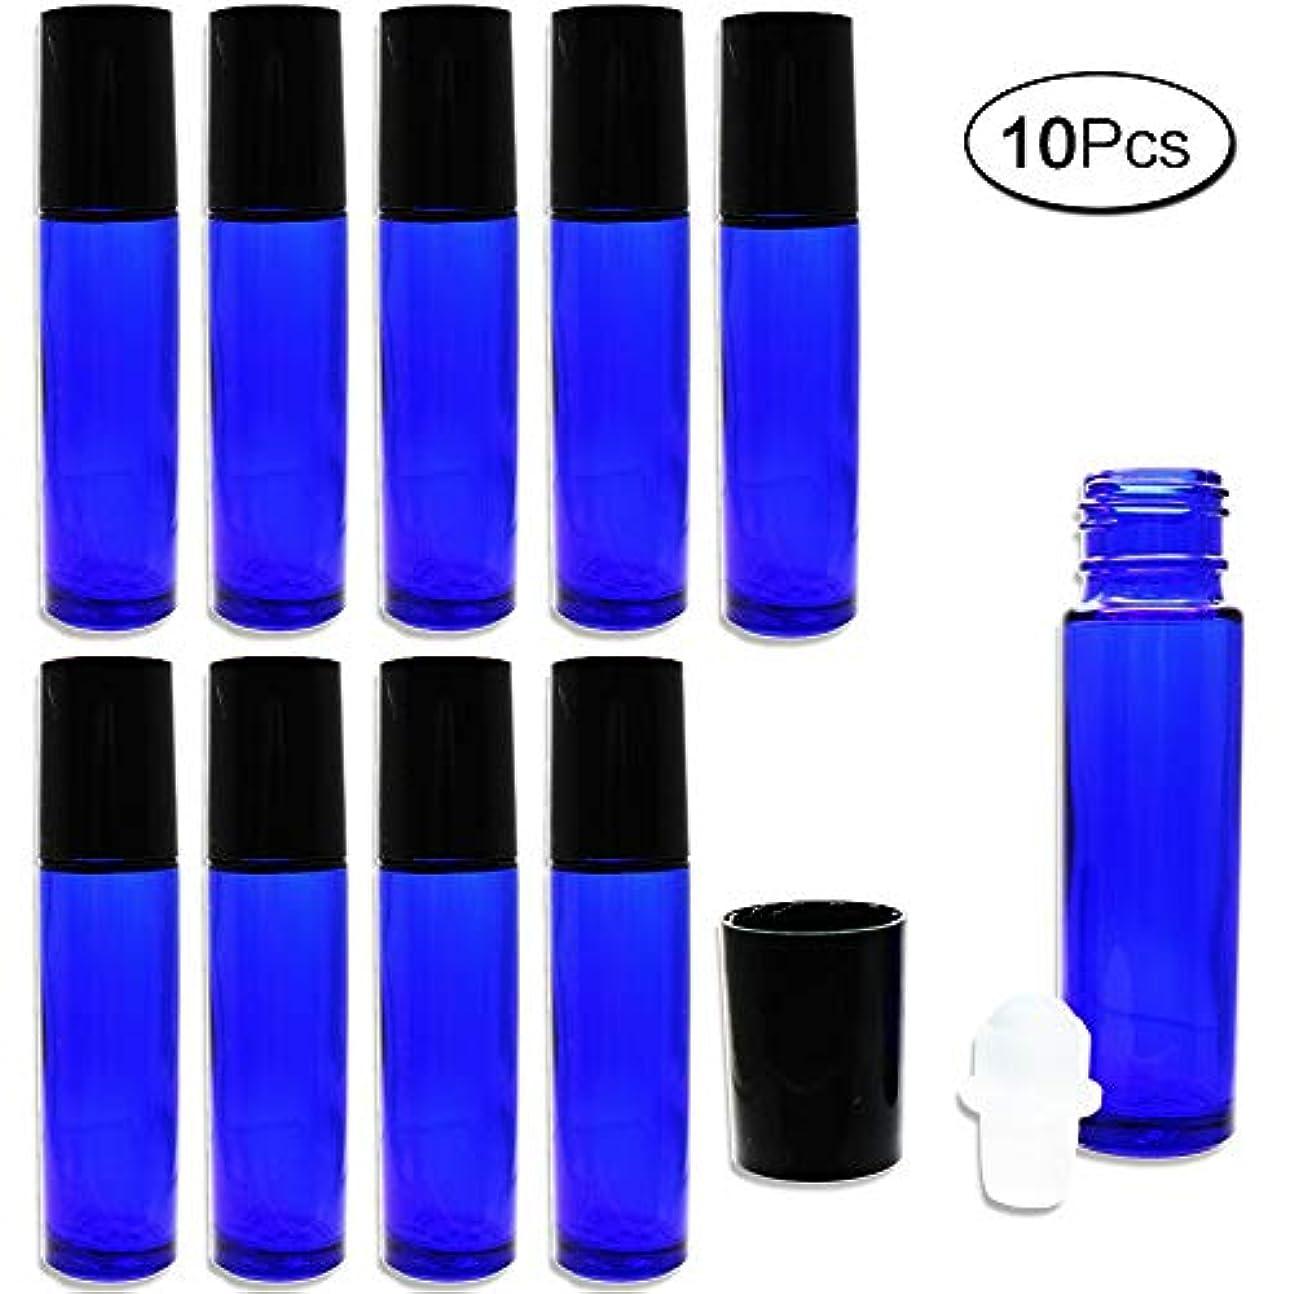 オークション新着小麦粉10ml ロールオンボトル アロマオイル ガラスロール 詰め替え 遮光瓶 10本セット